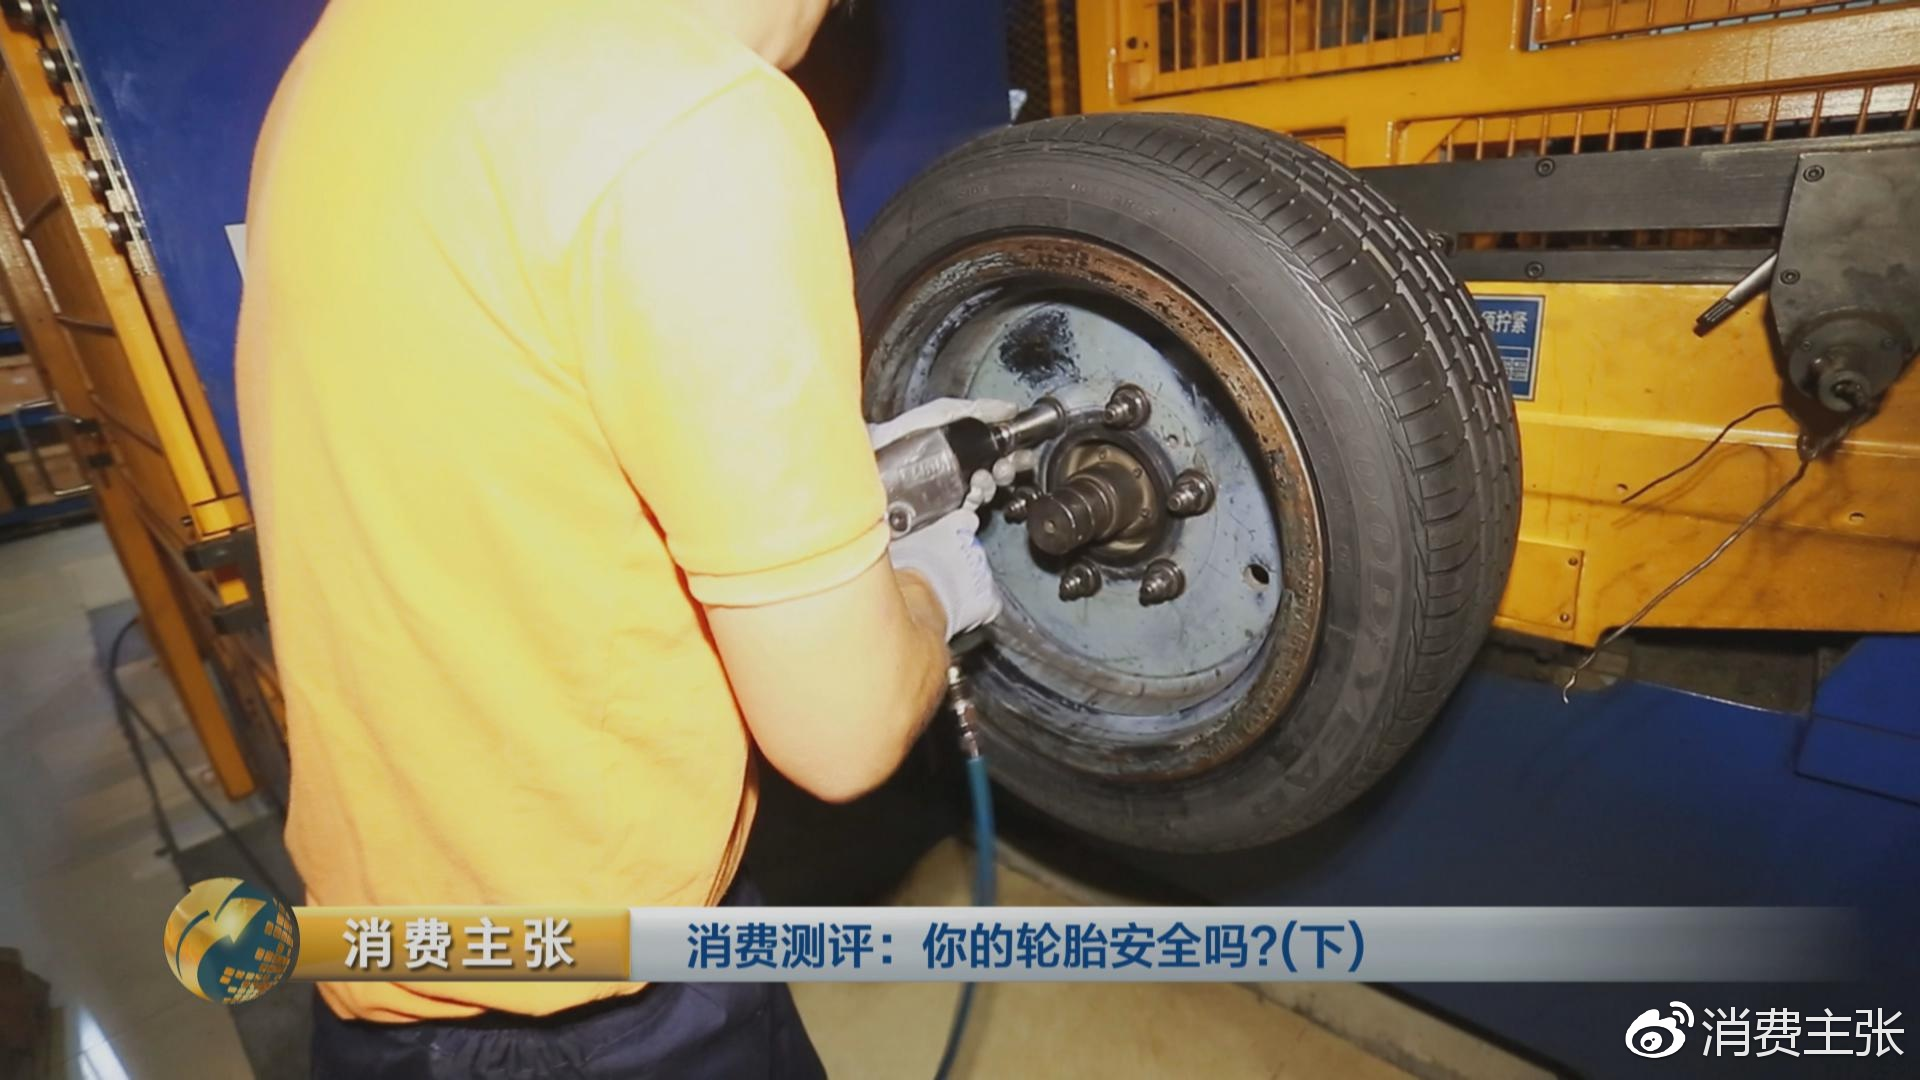 真人实驾,中外轮胎全项指标对比测试,结果出乎意料!